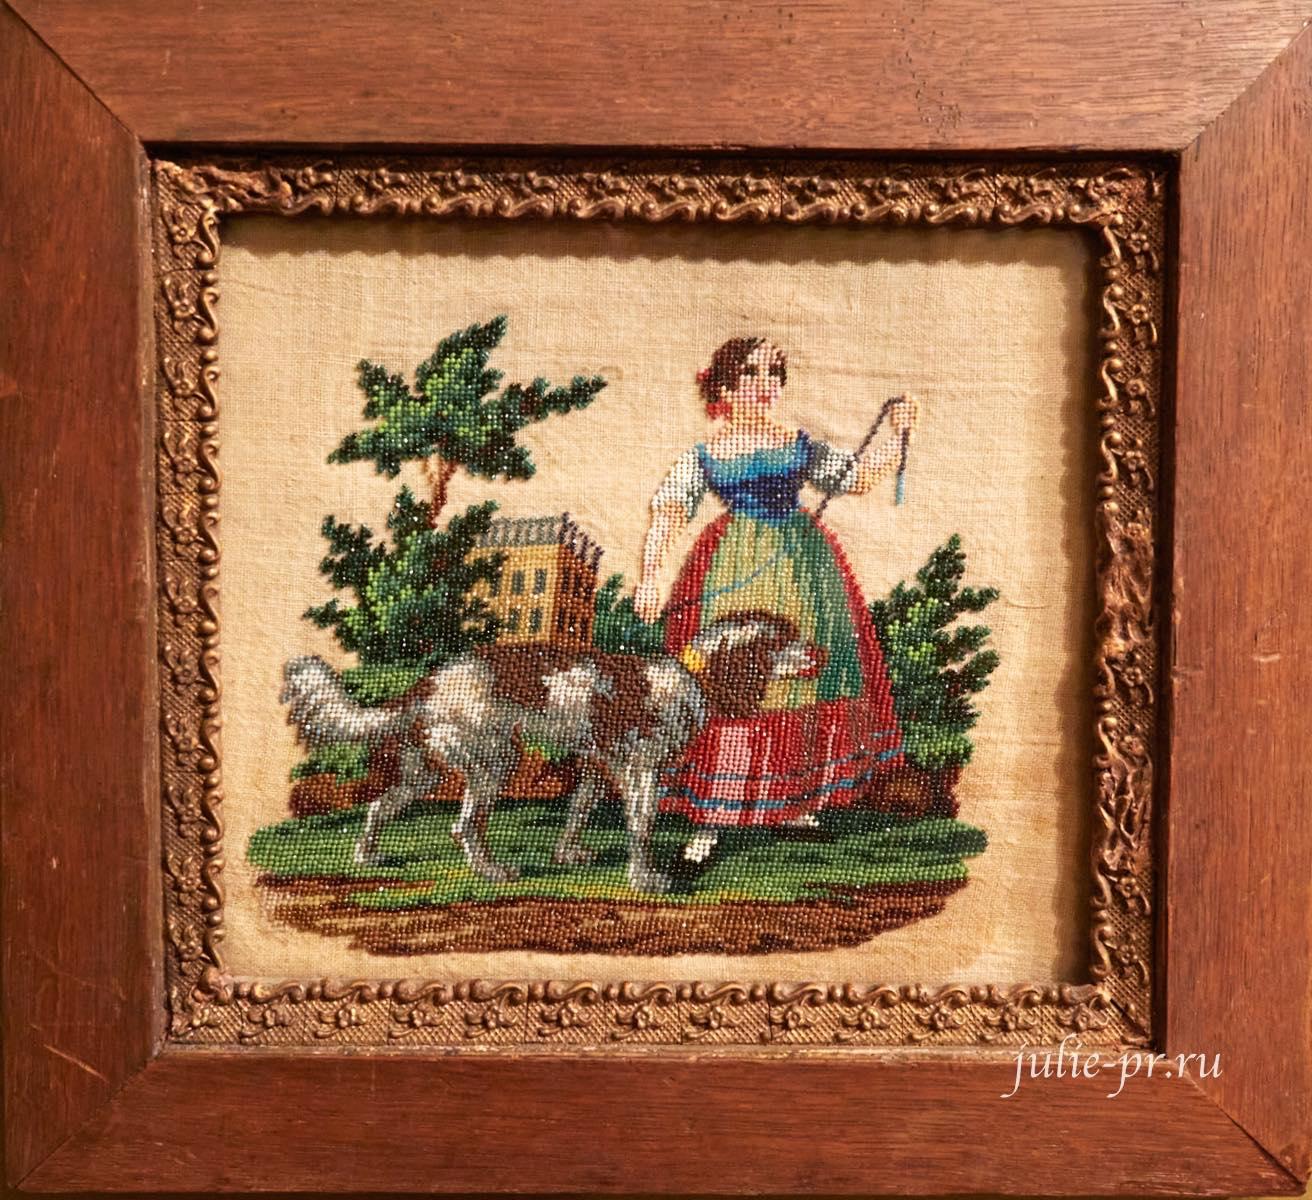 Девочка с собакой, 1810 год, вышивка бисером, выставка Старинные вышивки